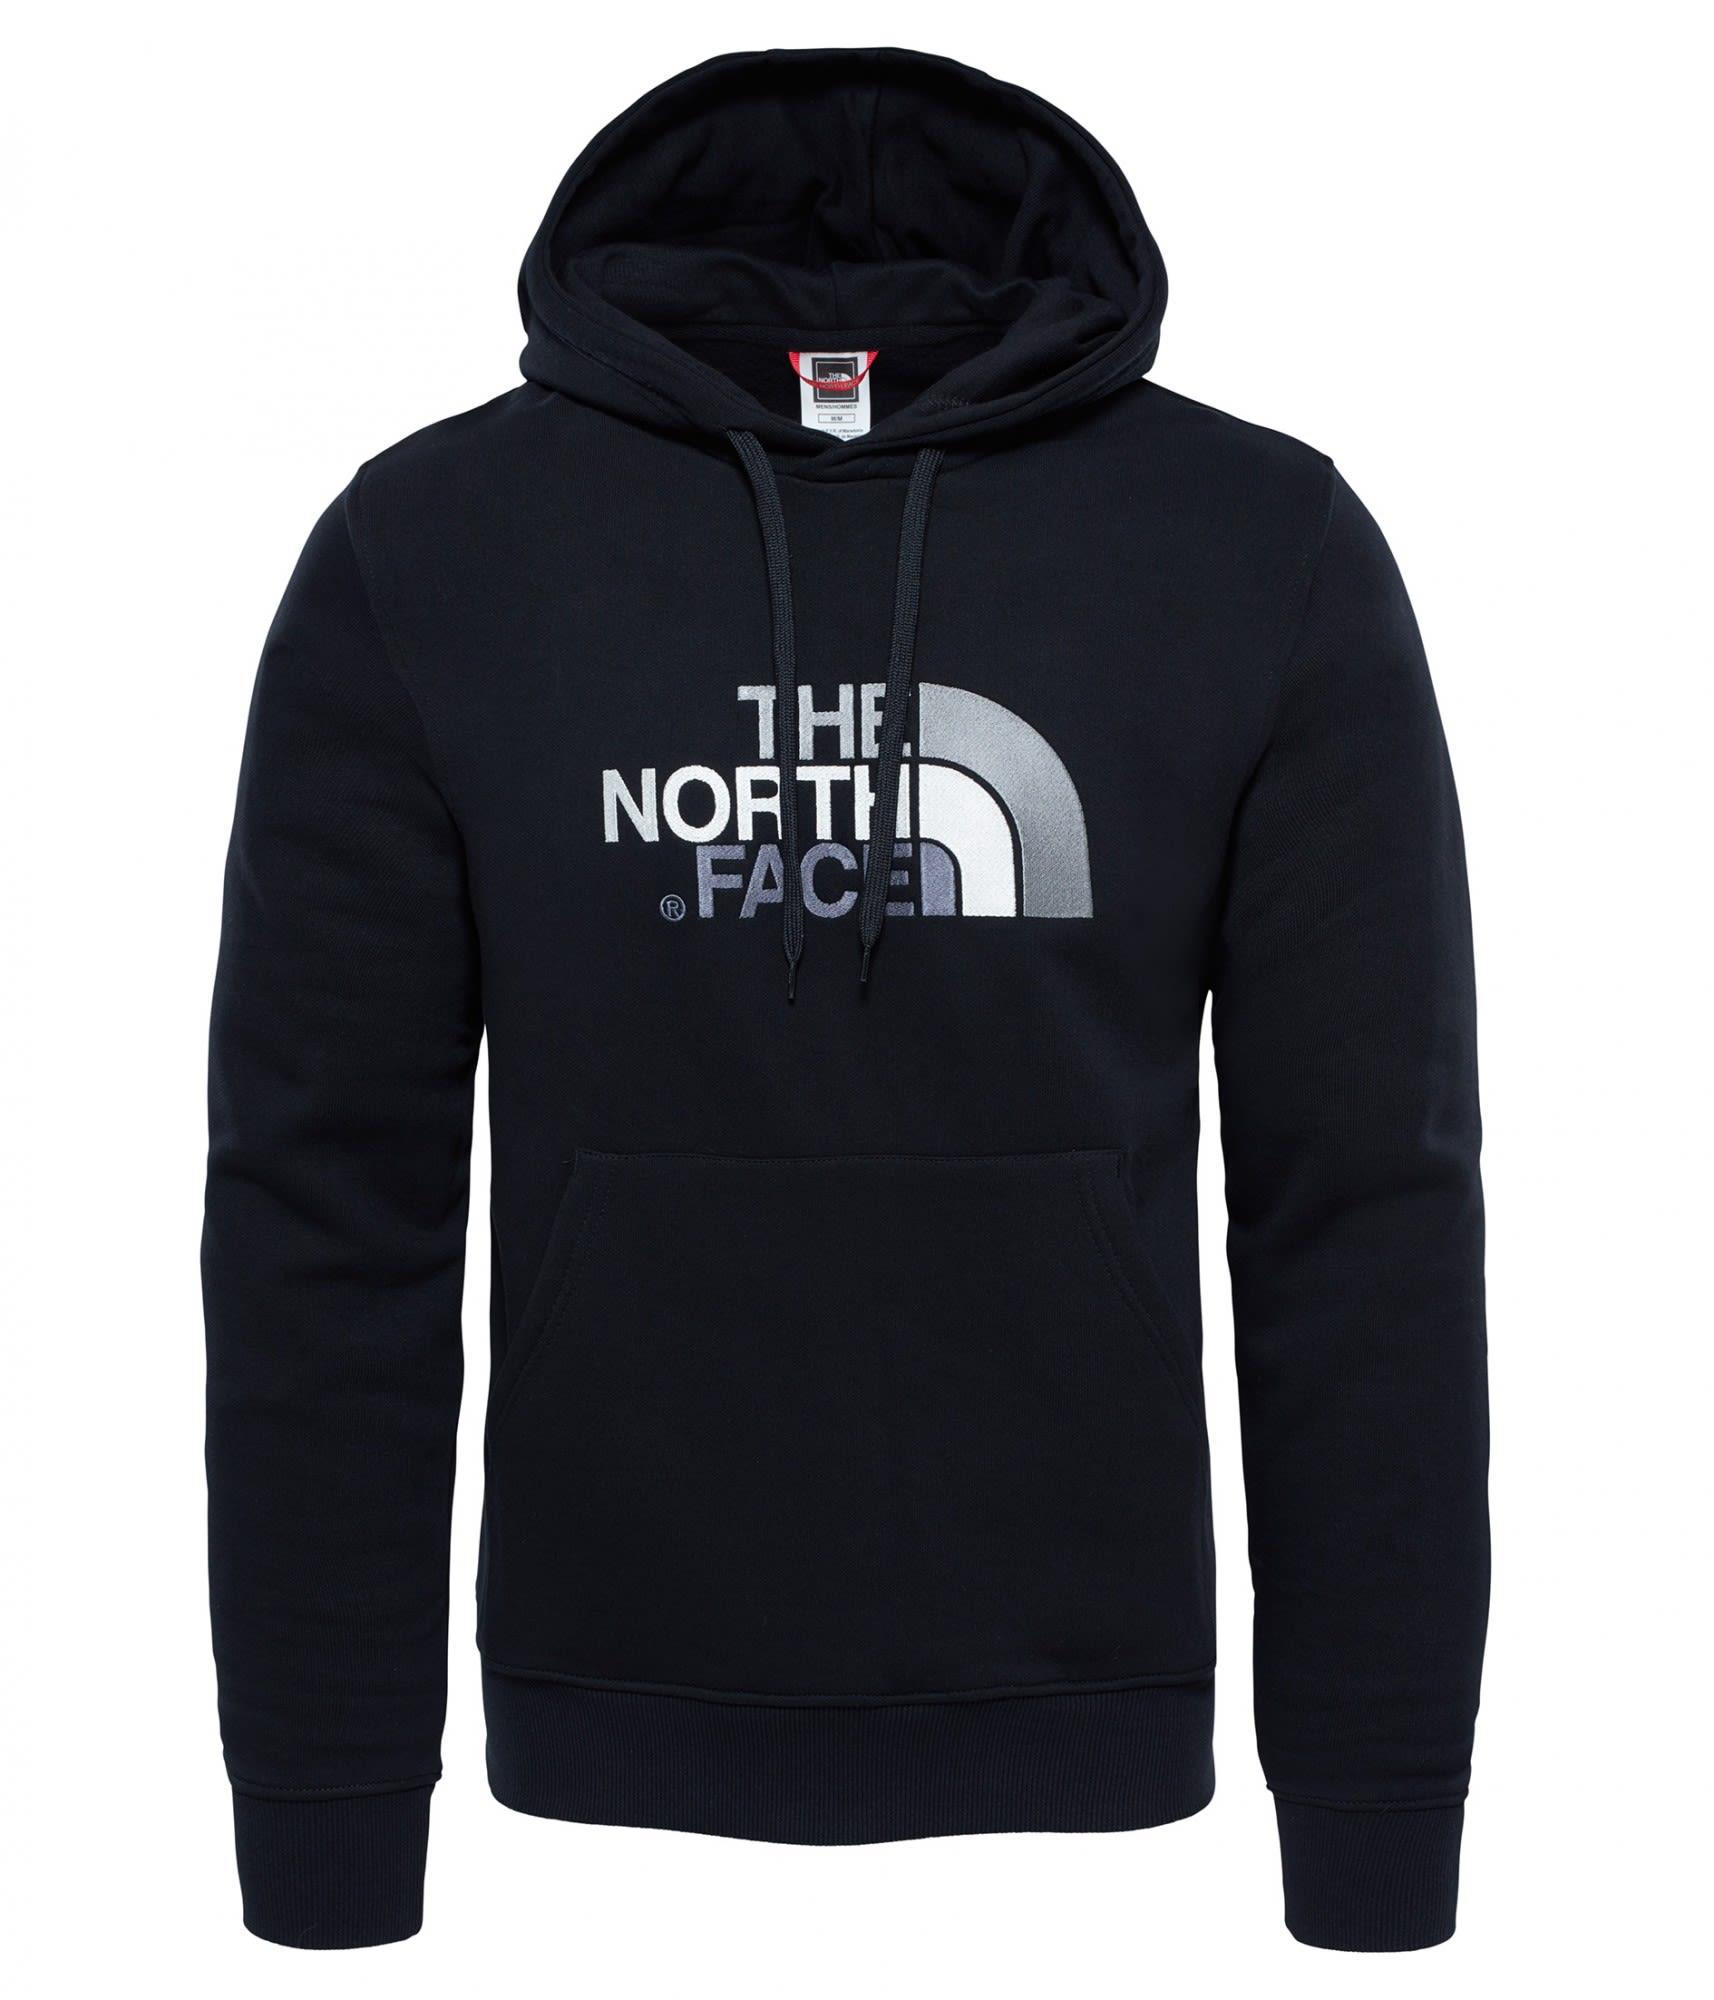 The North Face Drew Peak Pullover Hoodie Schwarz, Male Freizeitpullover, XL